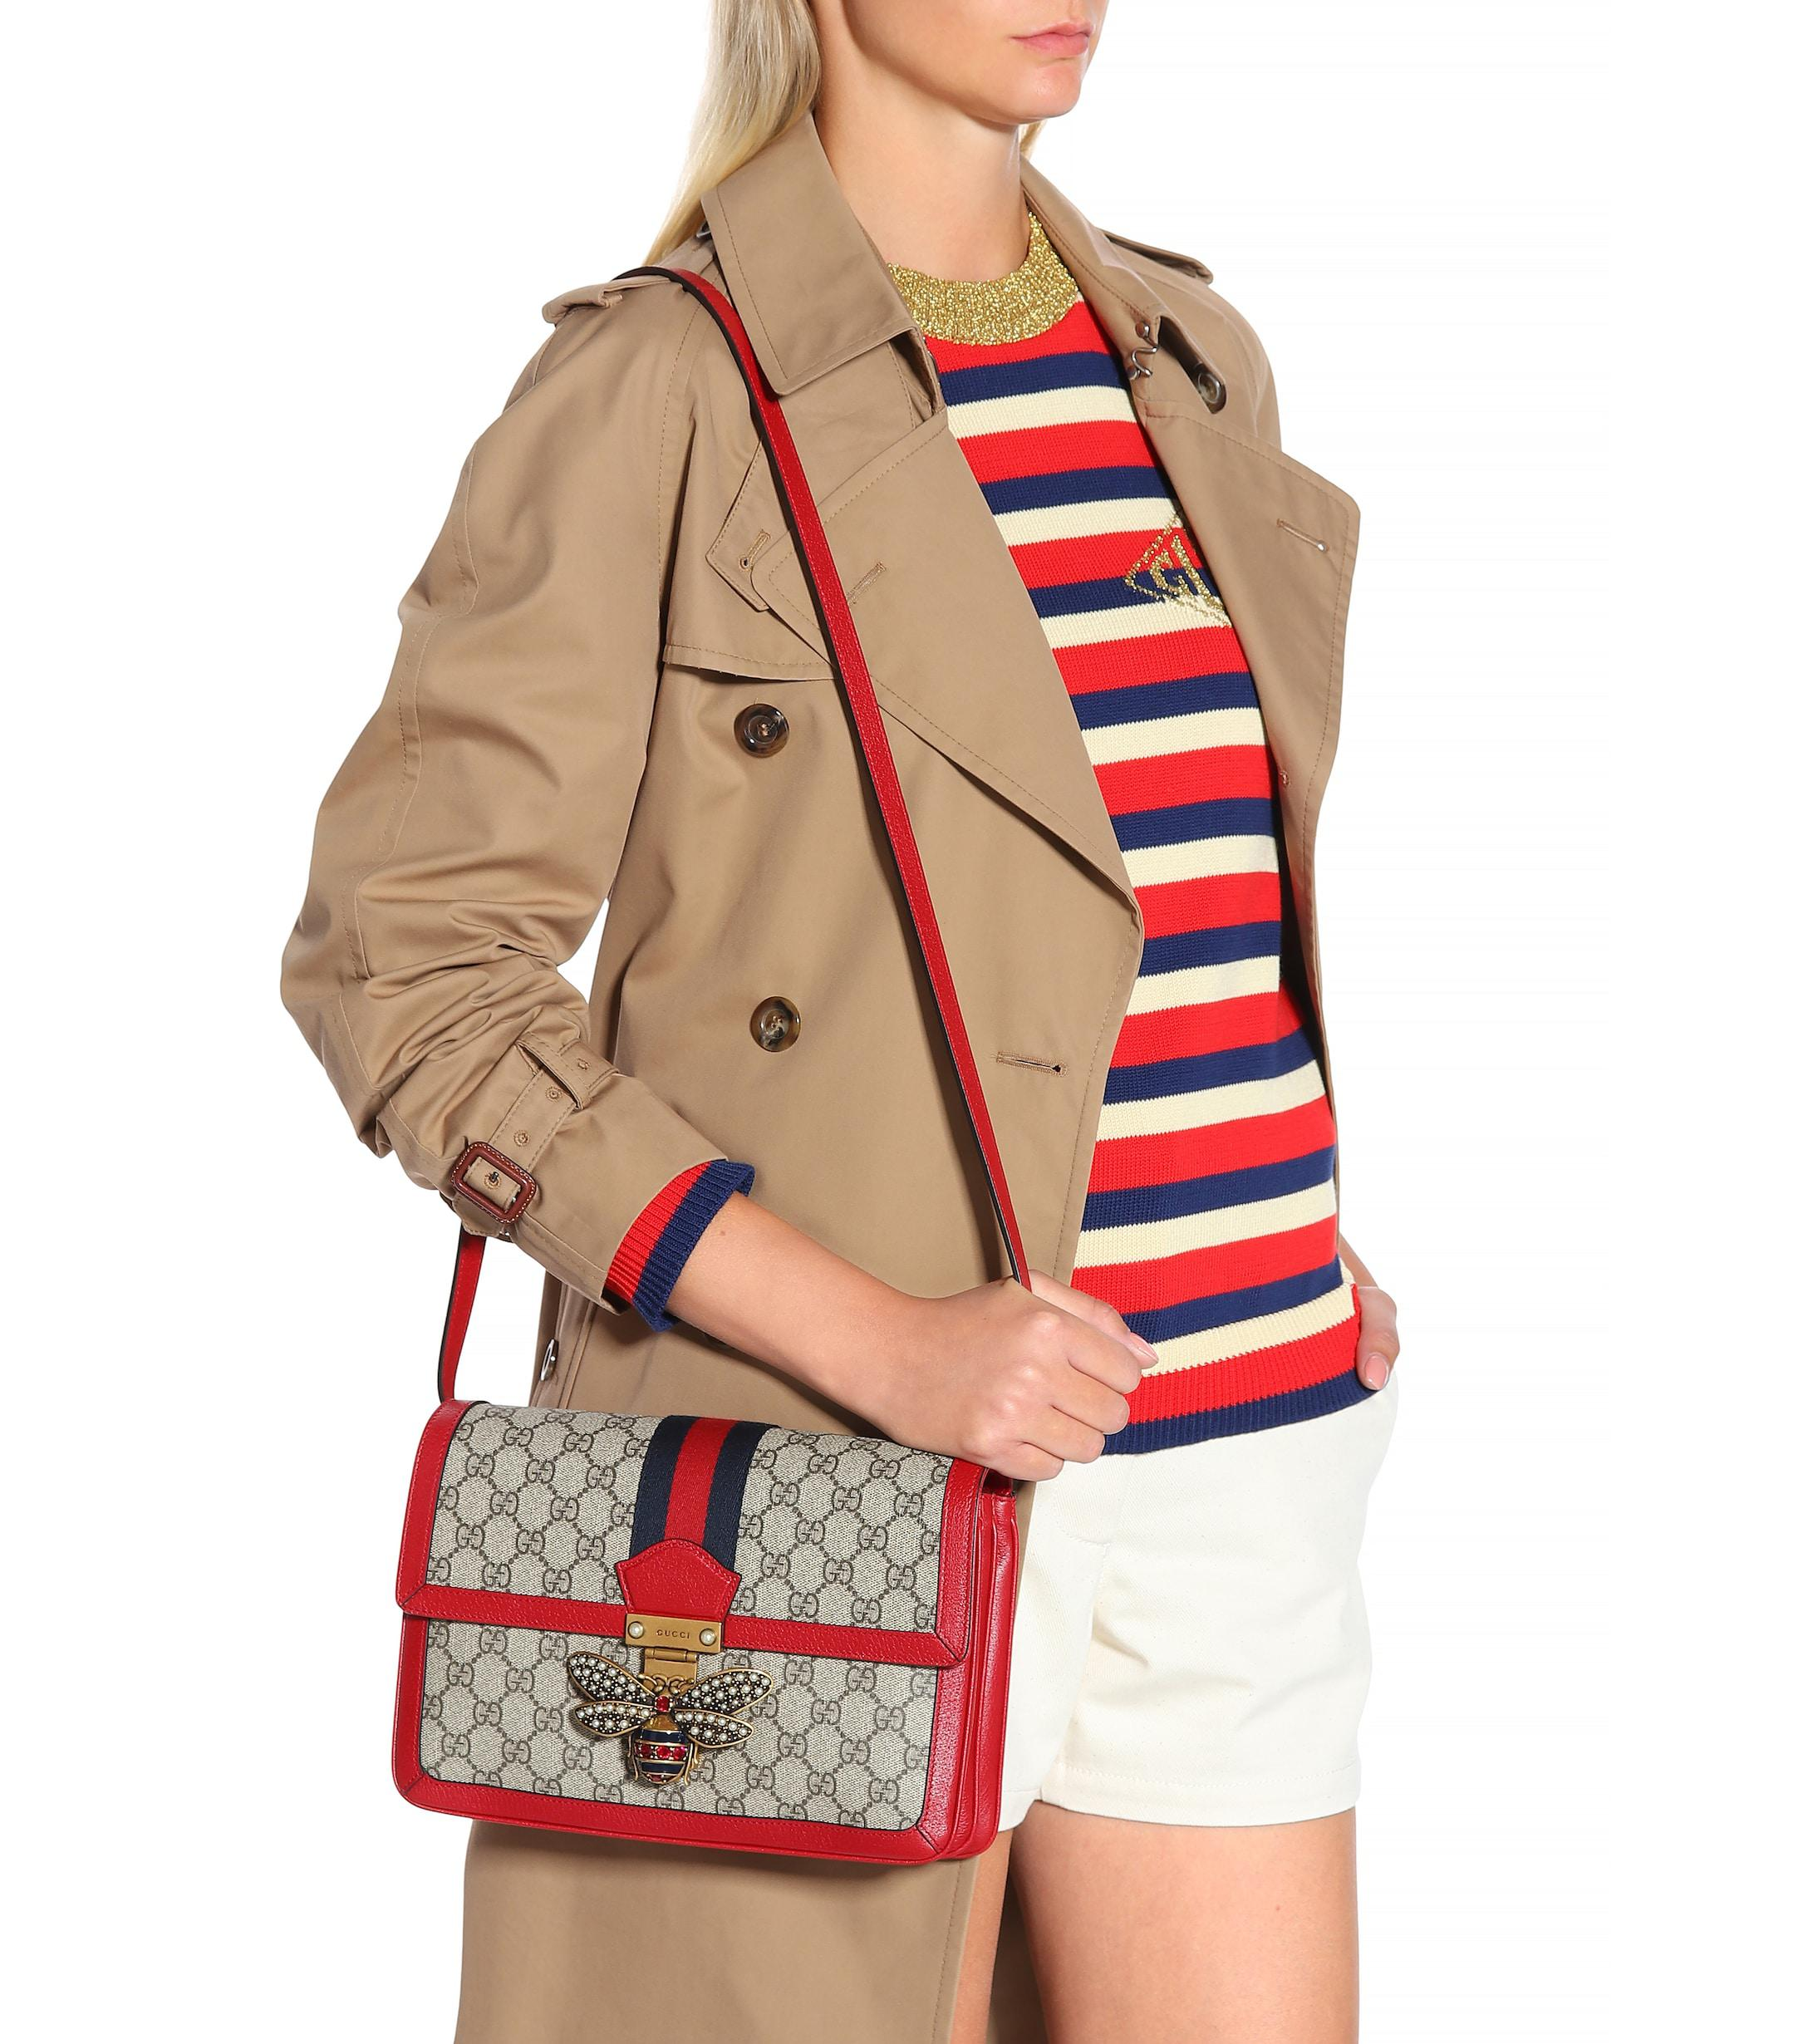 72d06c26bf1d Gucci Queen Margaret GG Supreme Medium Shoulder Bag in Red - Lyst